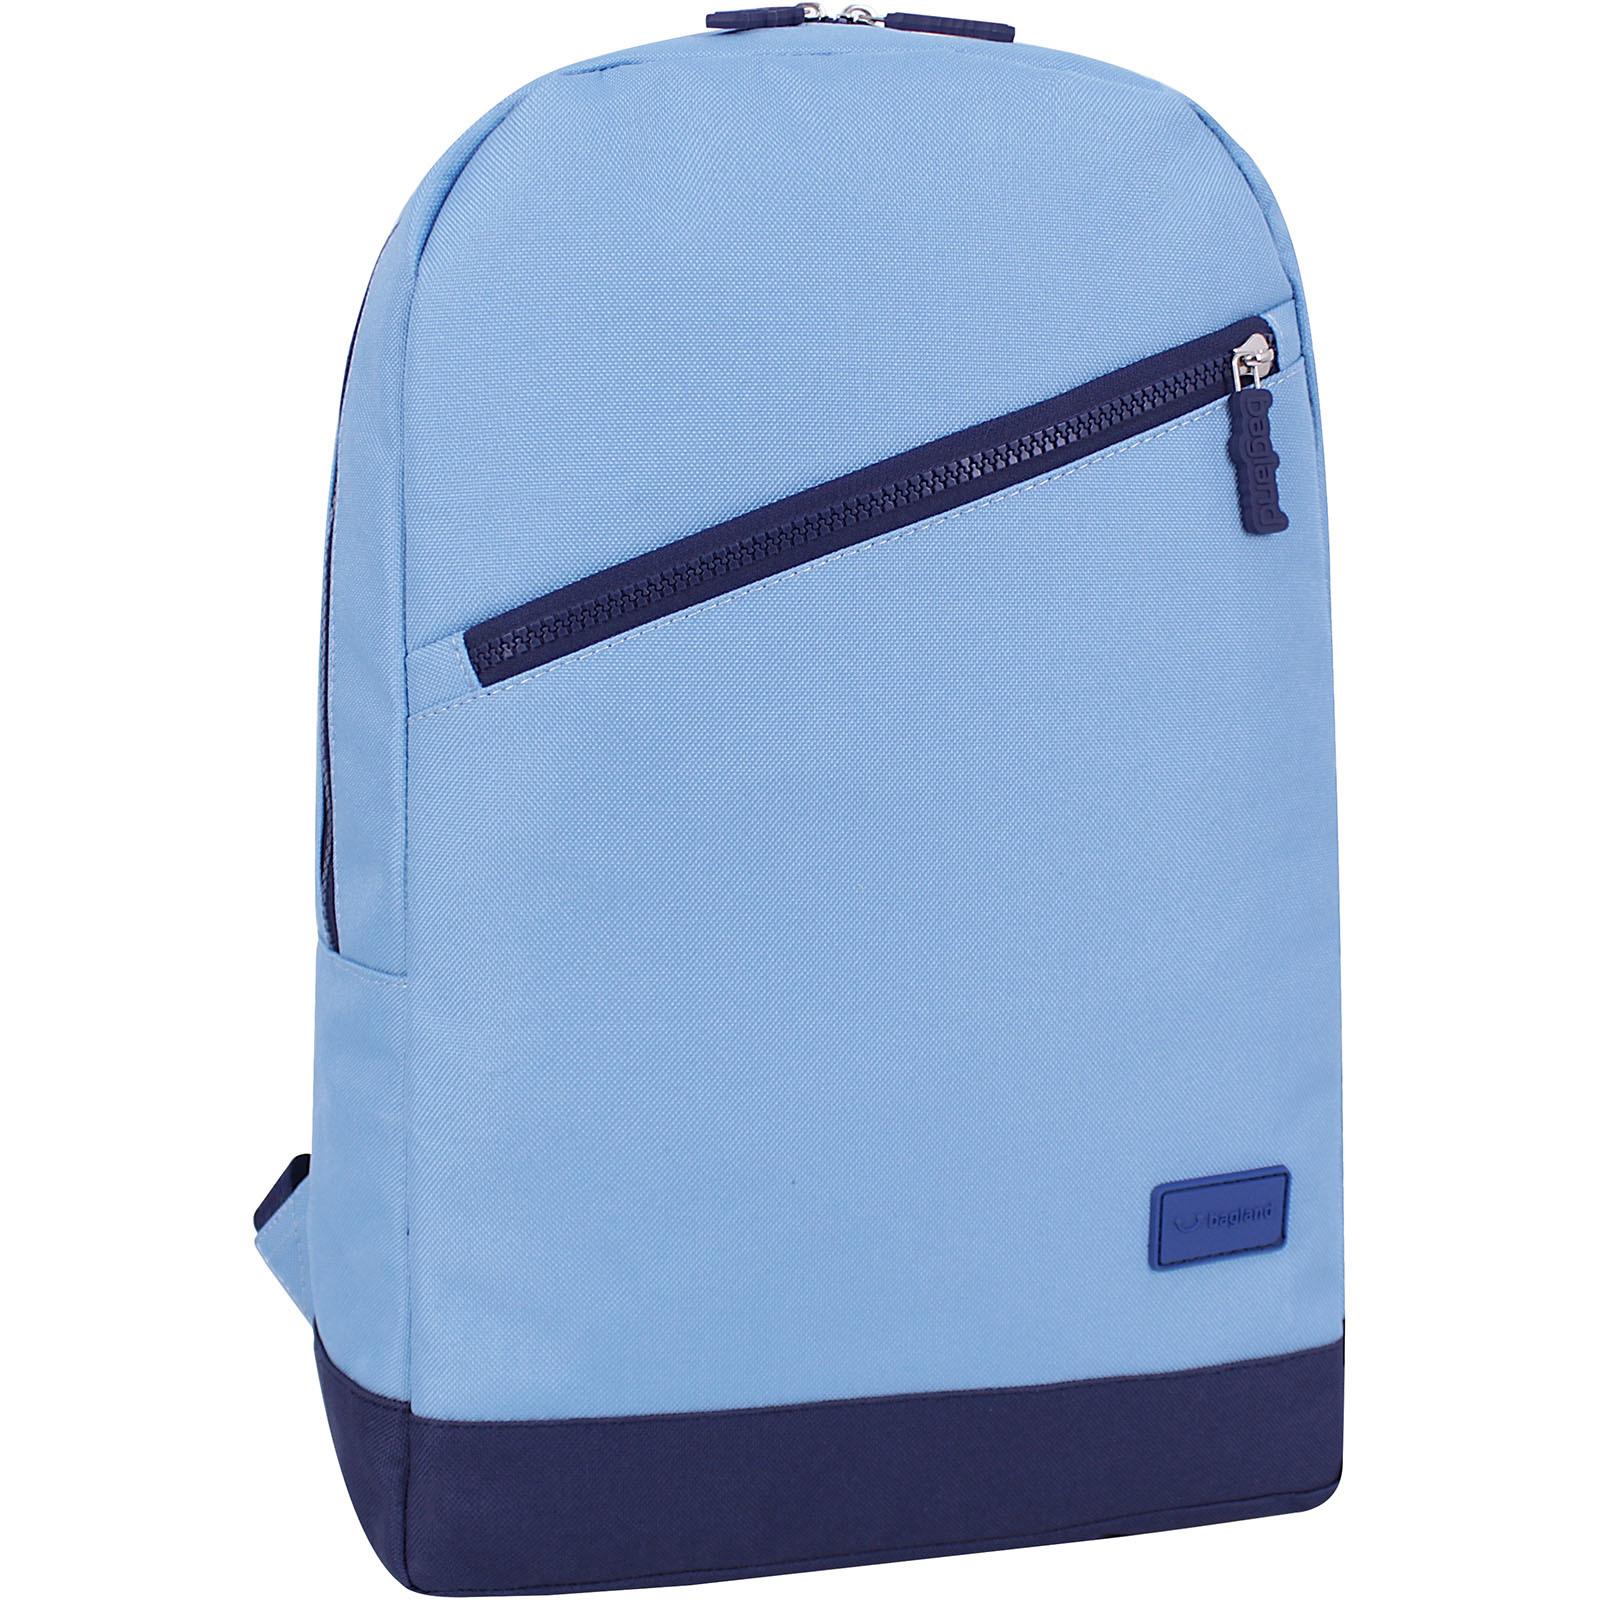 Рюкзак Bagland Amber 15 л. голубой (0010466) фото 1